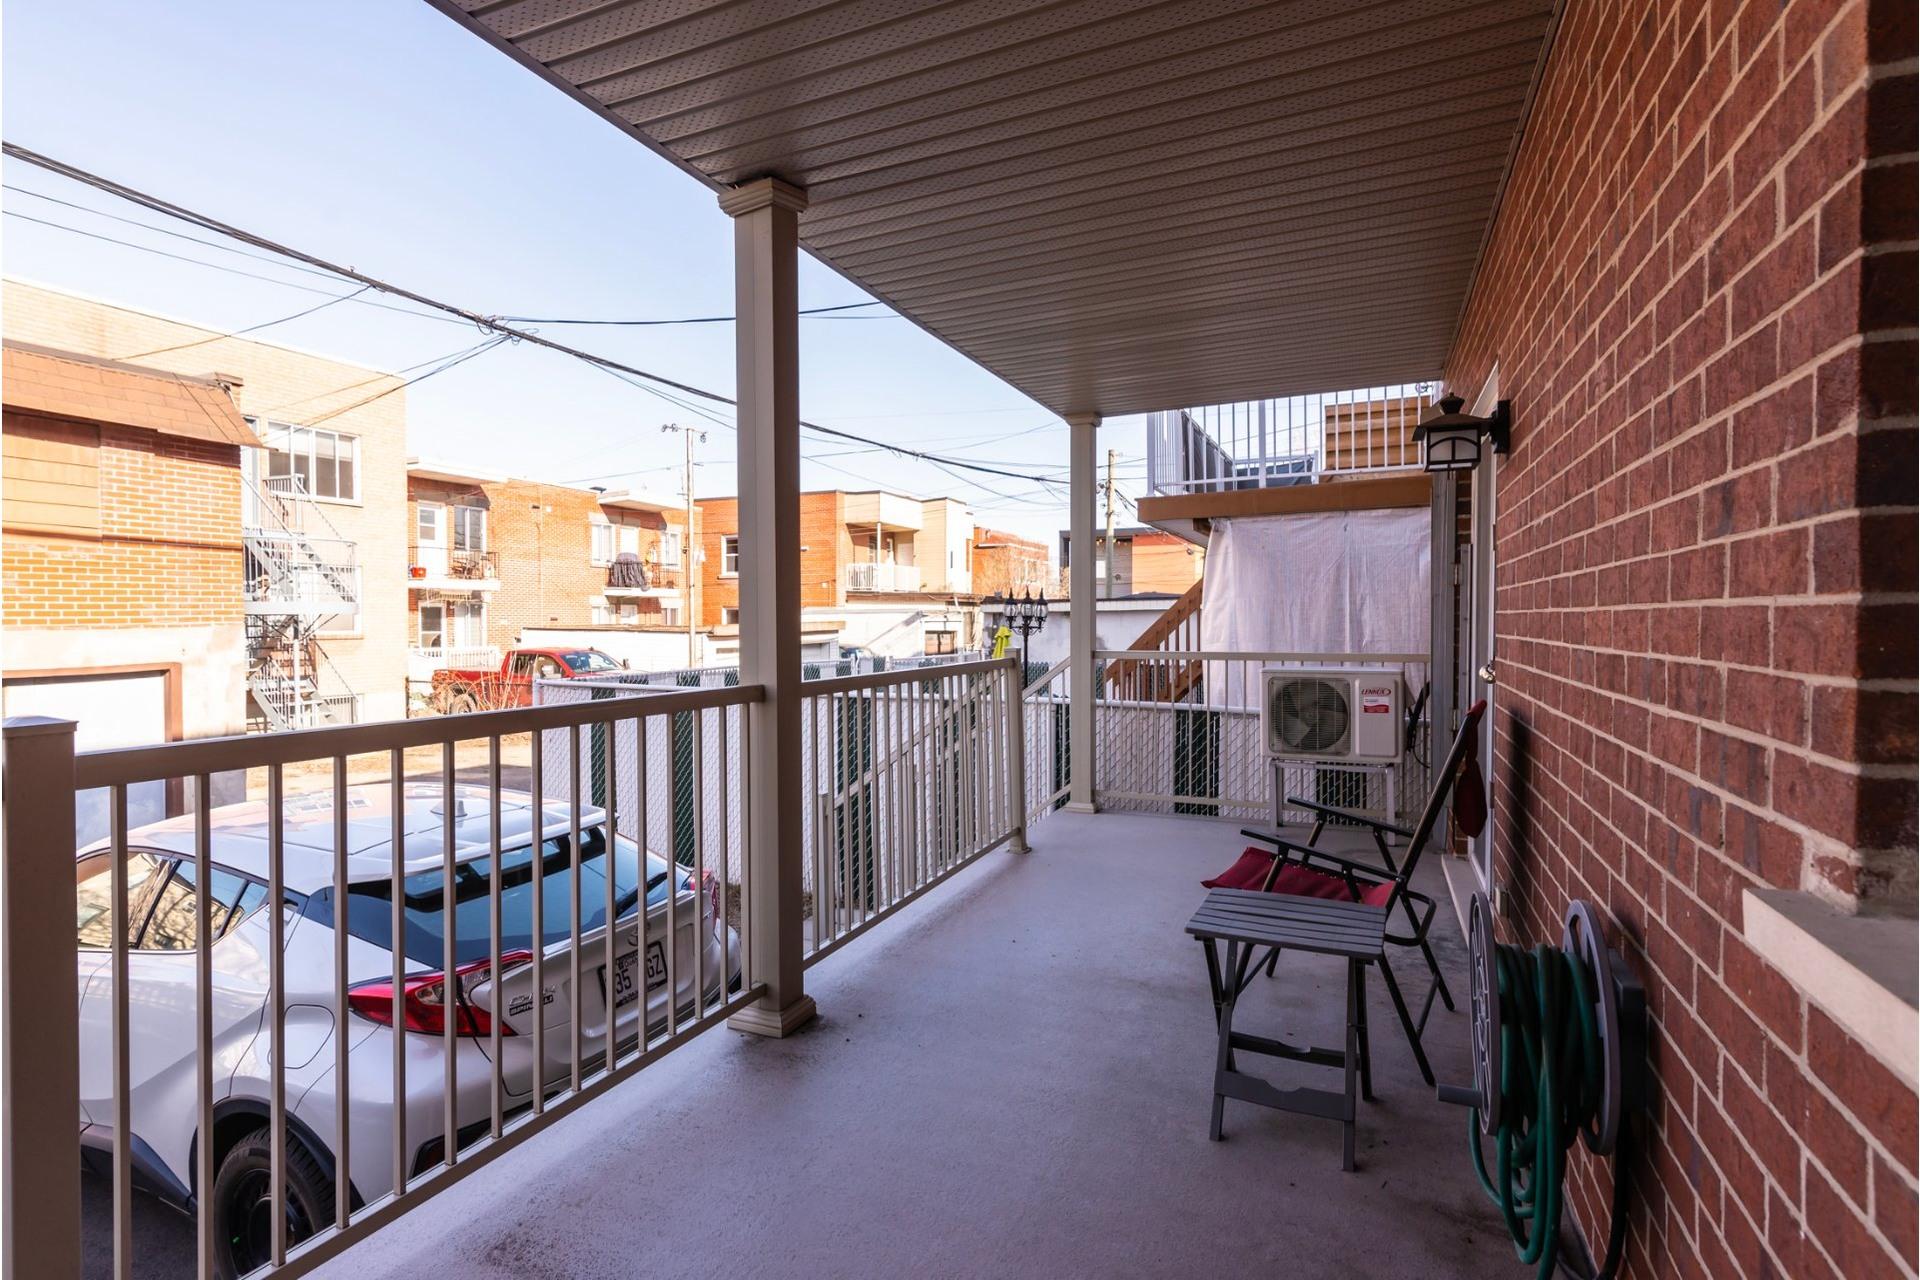 image 33 - Appartement À vendre Lachine Montréal  - 11 pièces